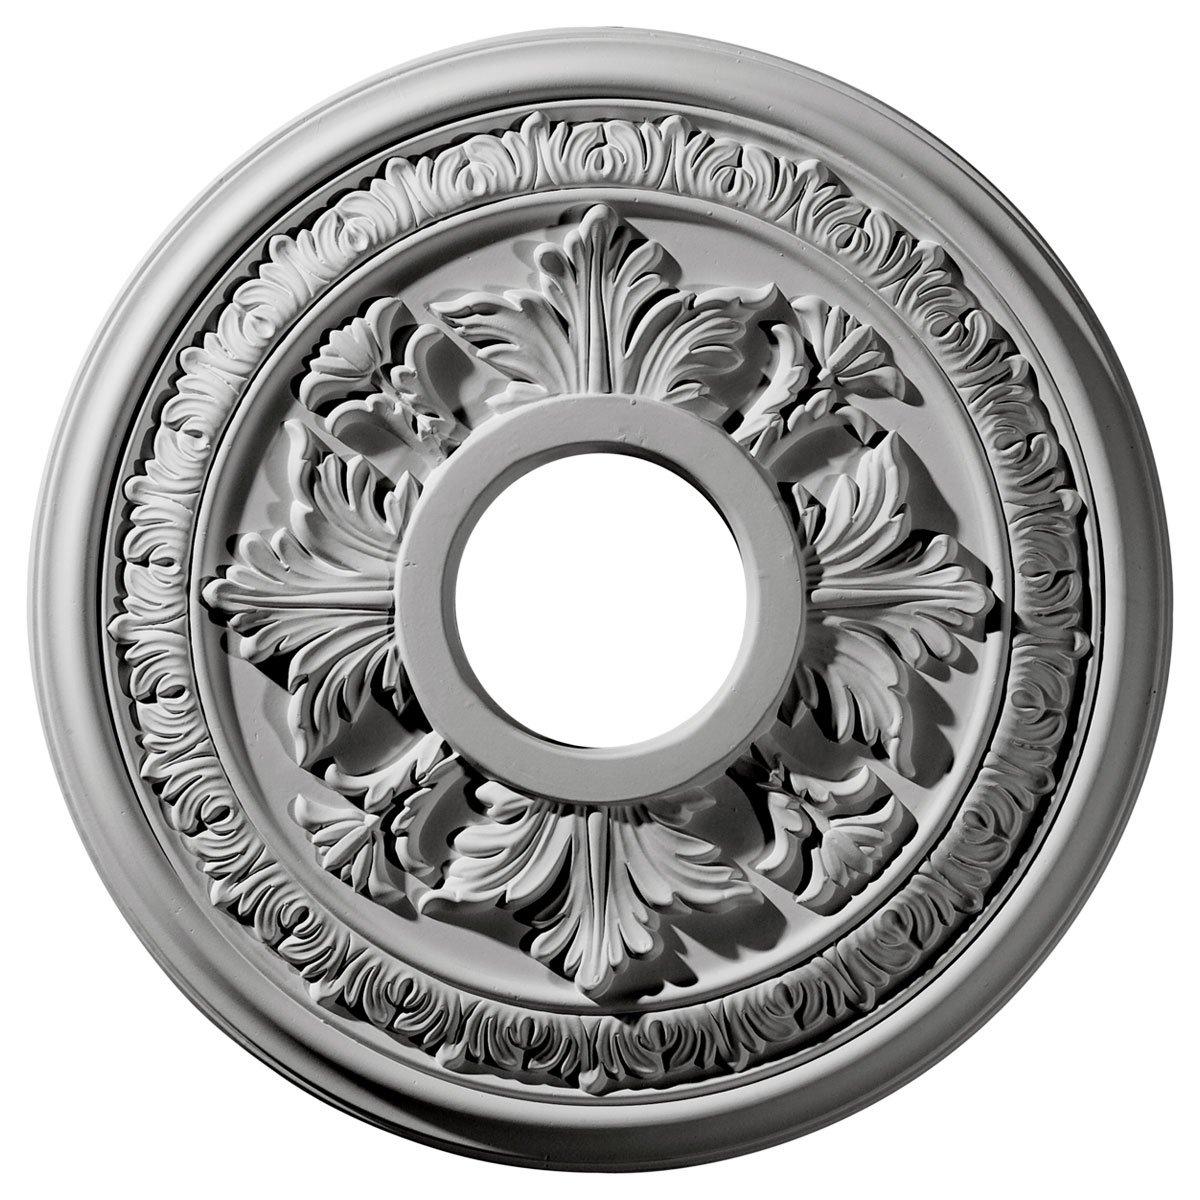 Ekena Millwork CM15BA 15 3/8-Inch OD x 4 1/4-Inch ID x 1 1/2-Inch Baltimore Ceiling Medallion